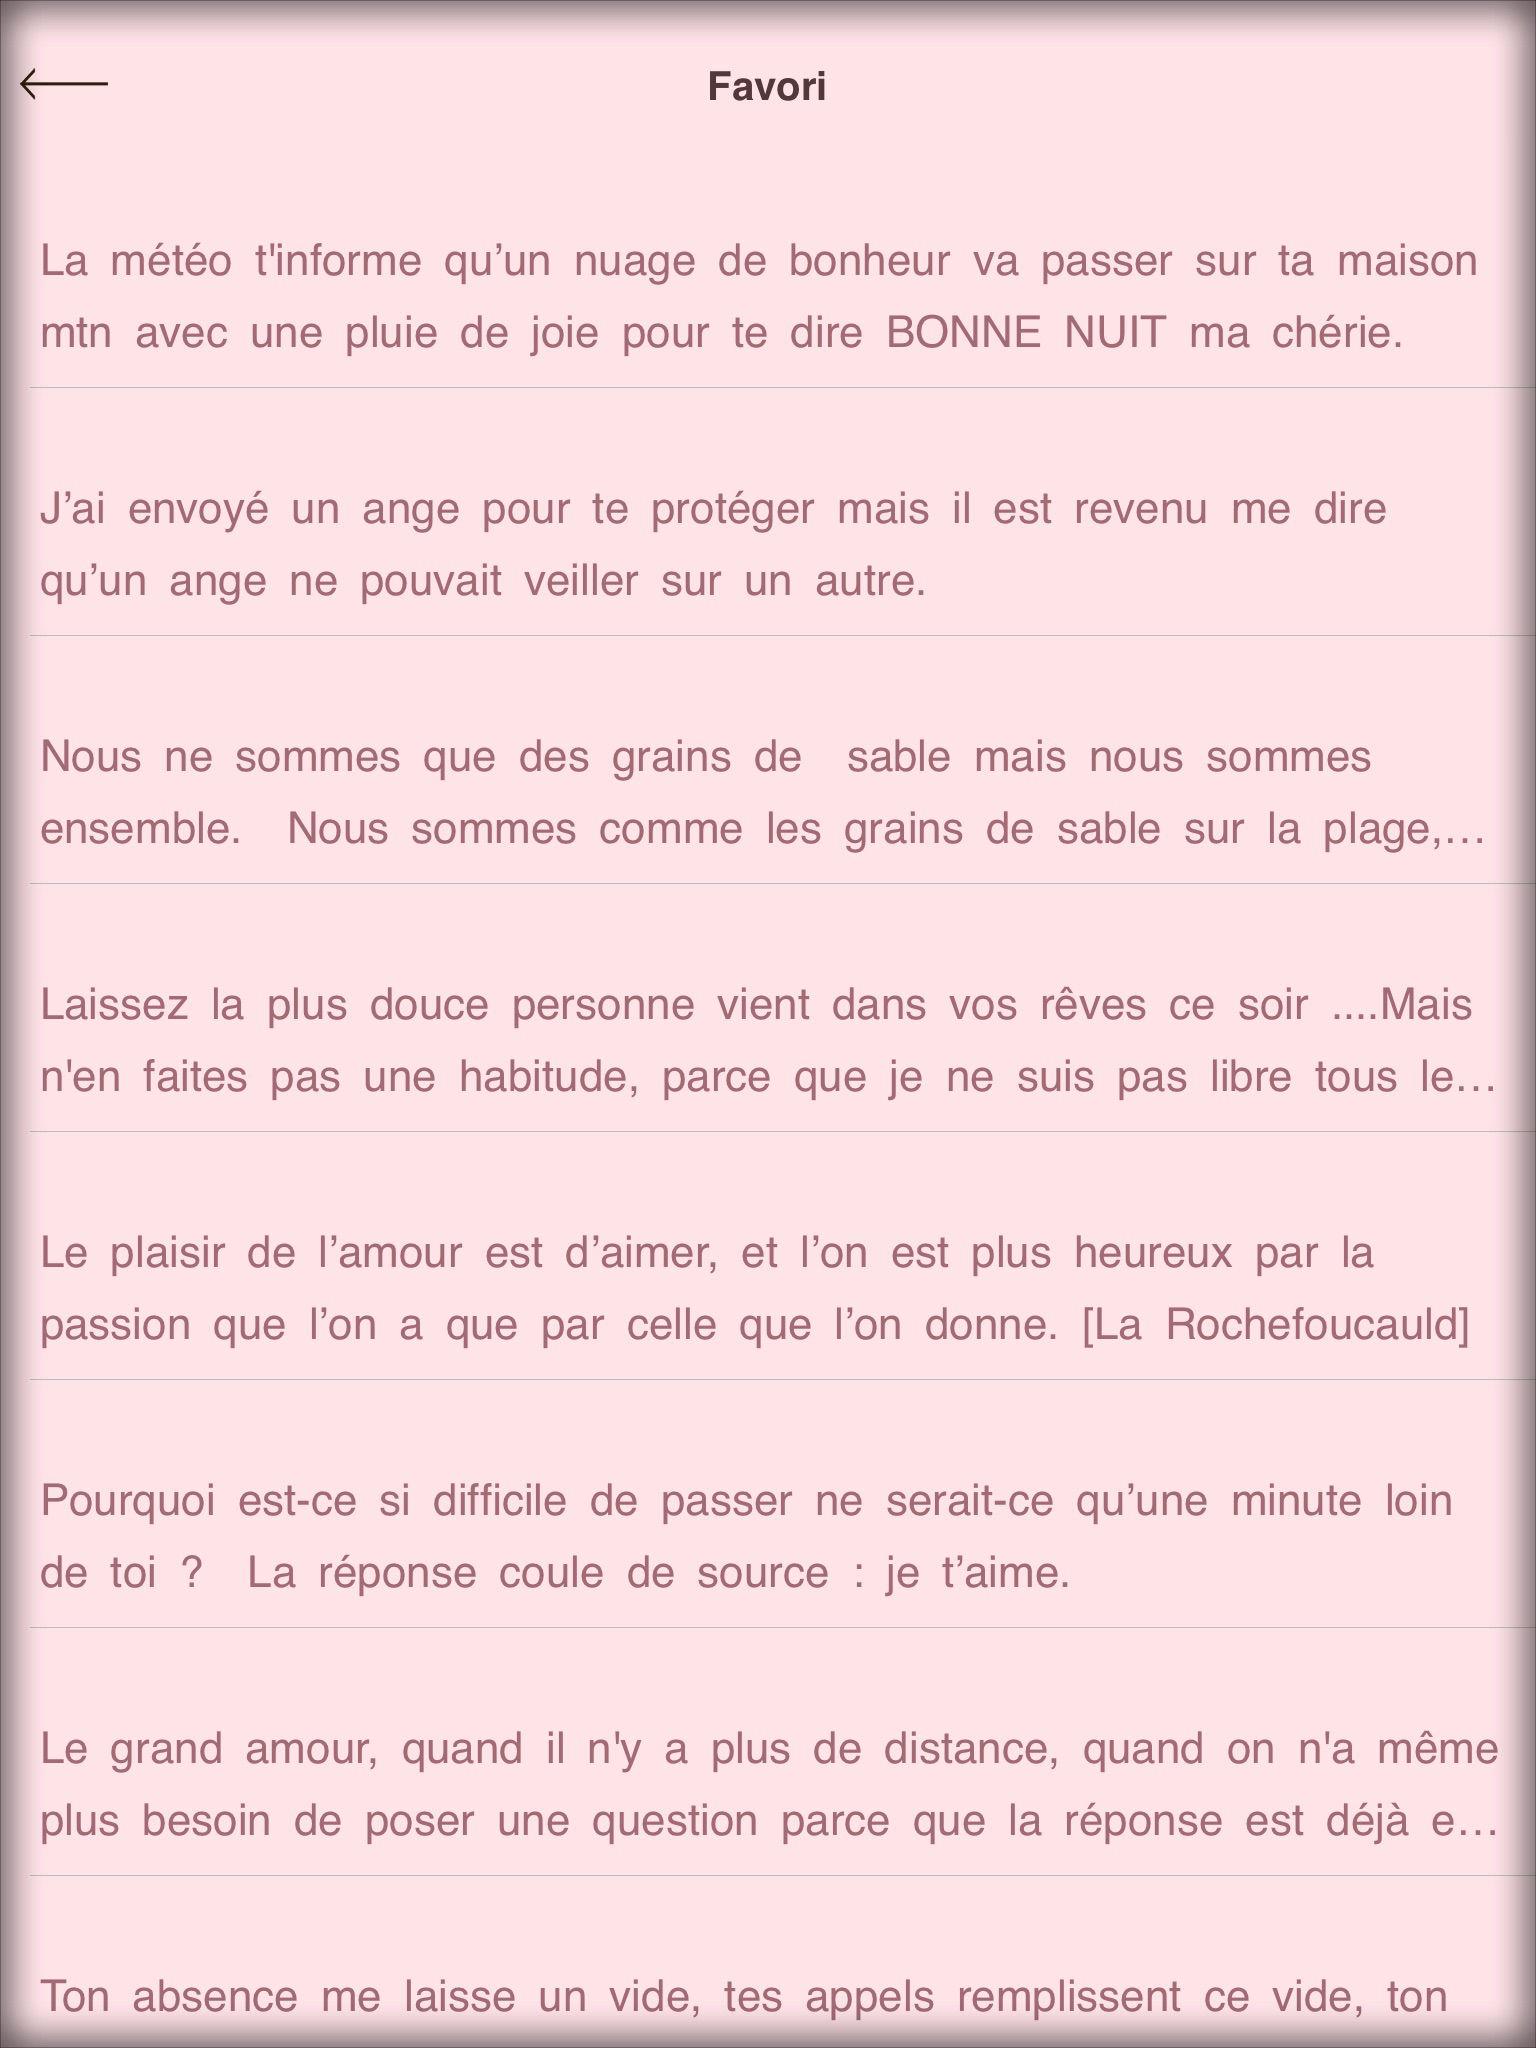 рейтинги и данные магазинов для приложения Mots De Poem De L